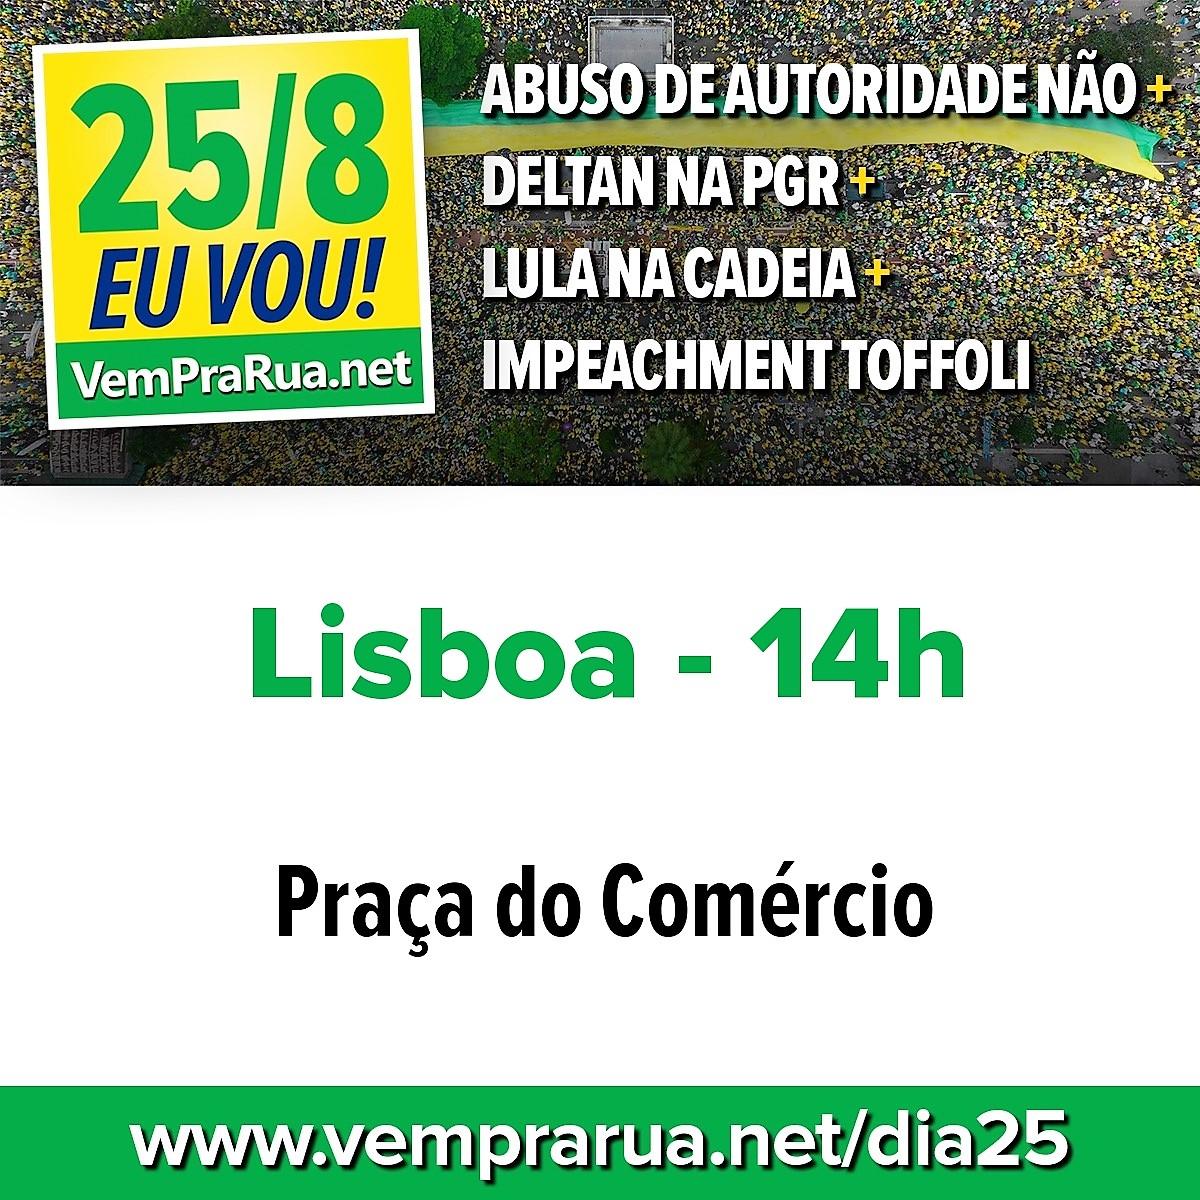 25 de agosto, 14h00: Lisboa